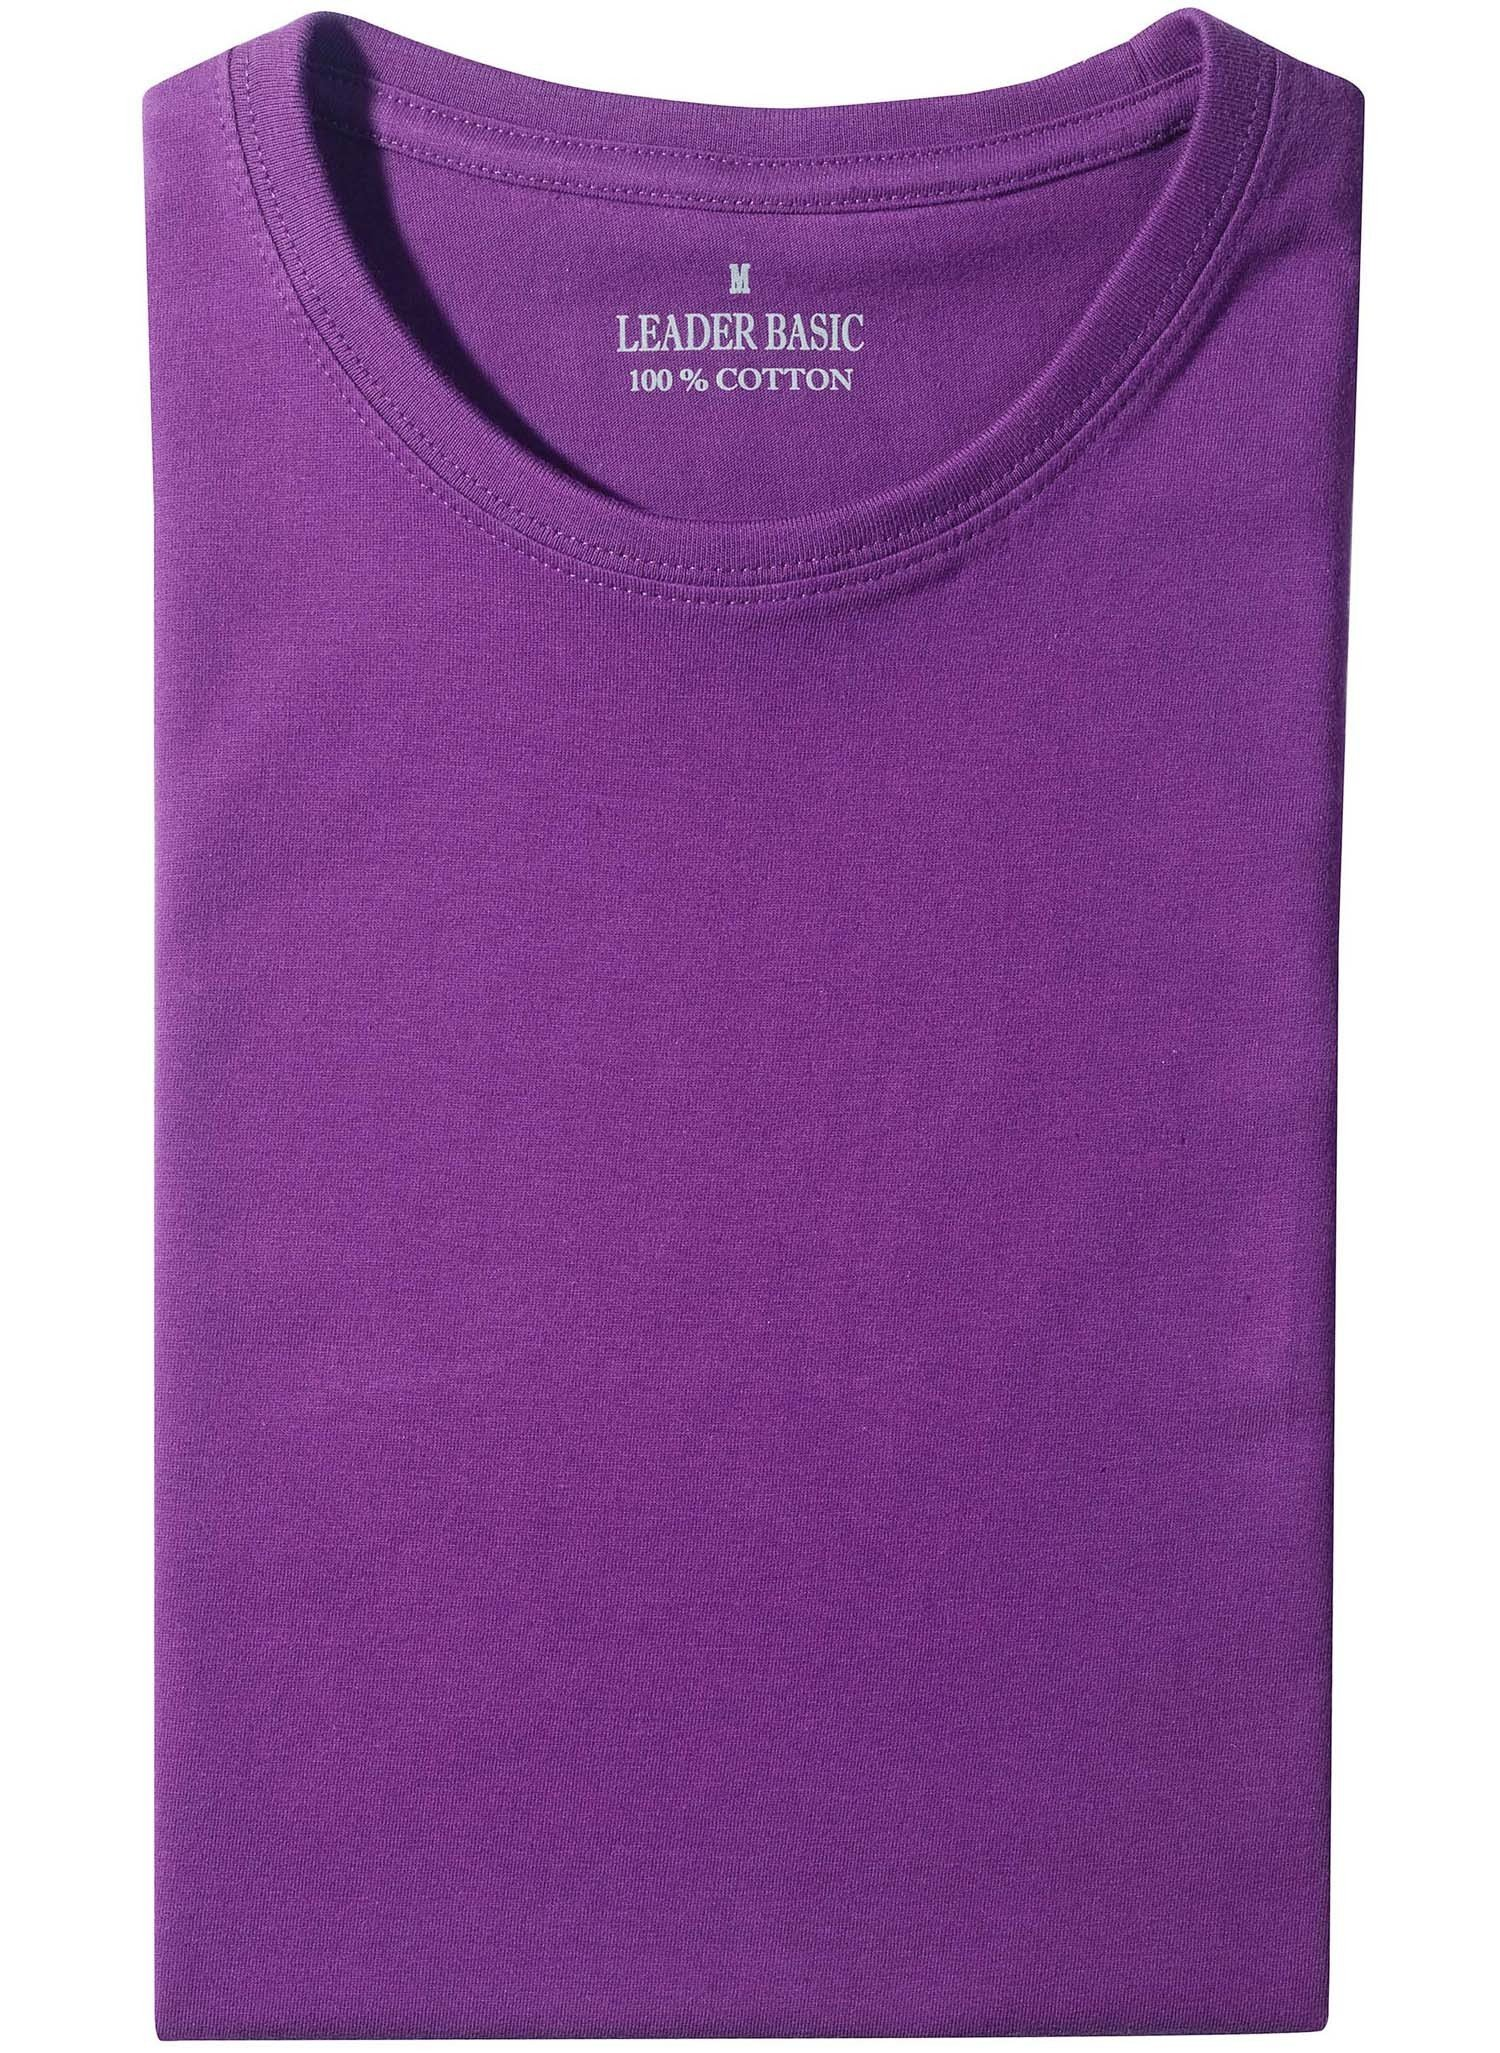 U-Duo-Pack-Shirt violett XXXL 036 - 1 - Ronja.ch